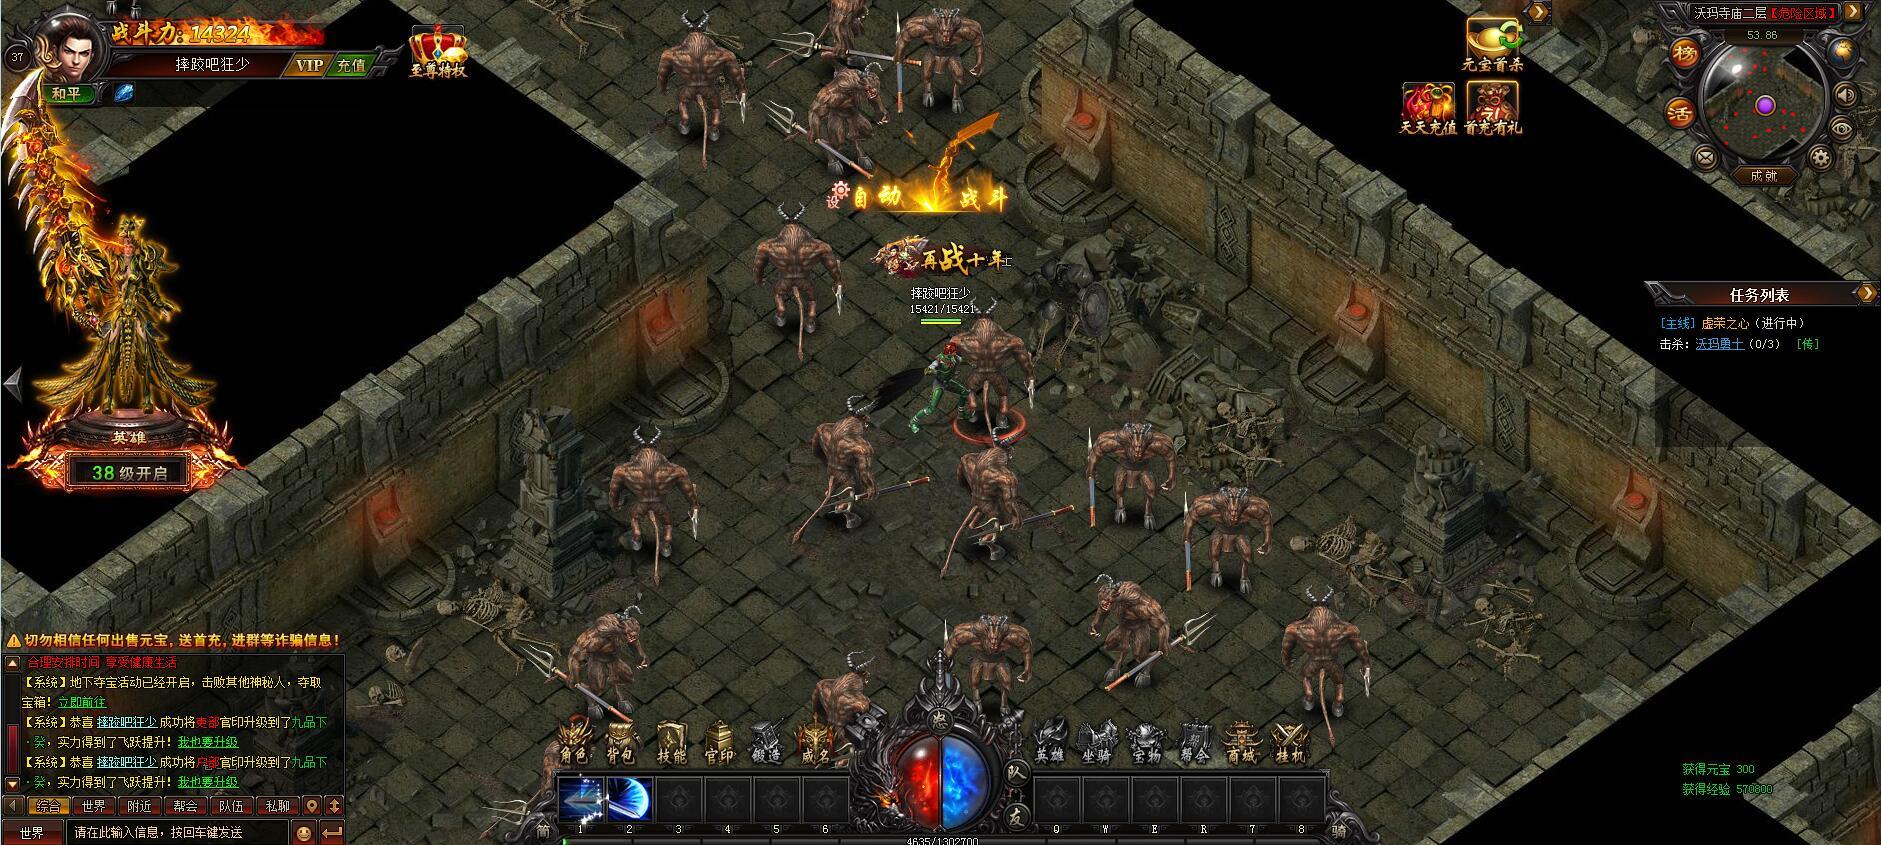 双龙争霸游戏截图1